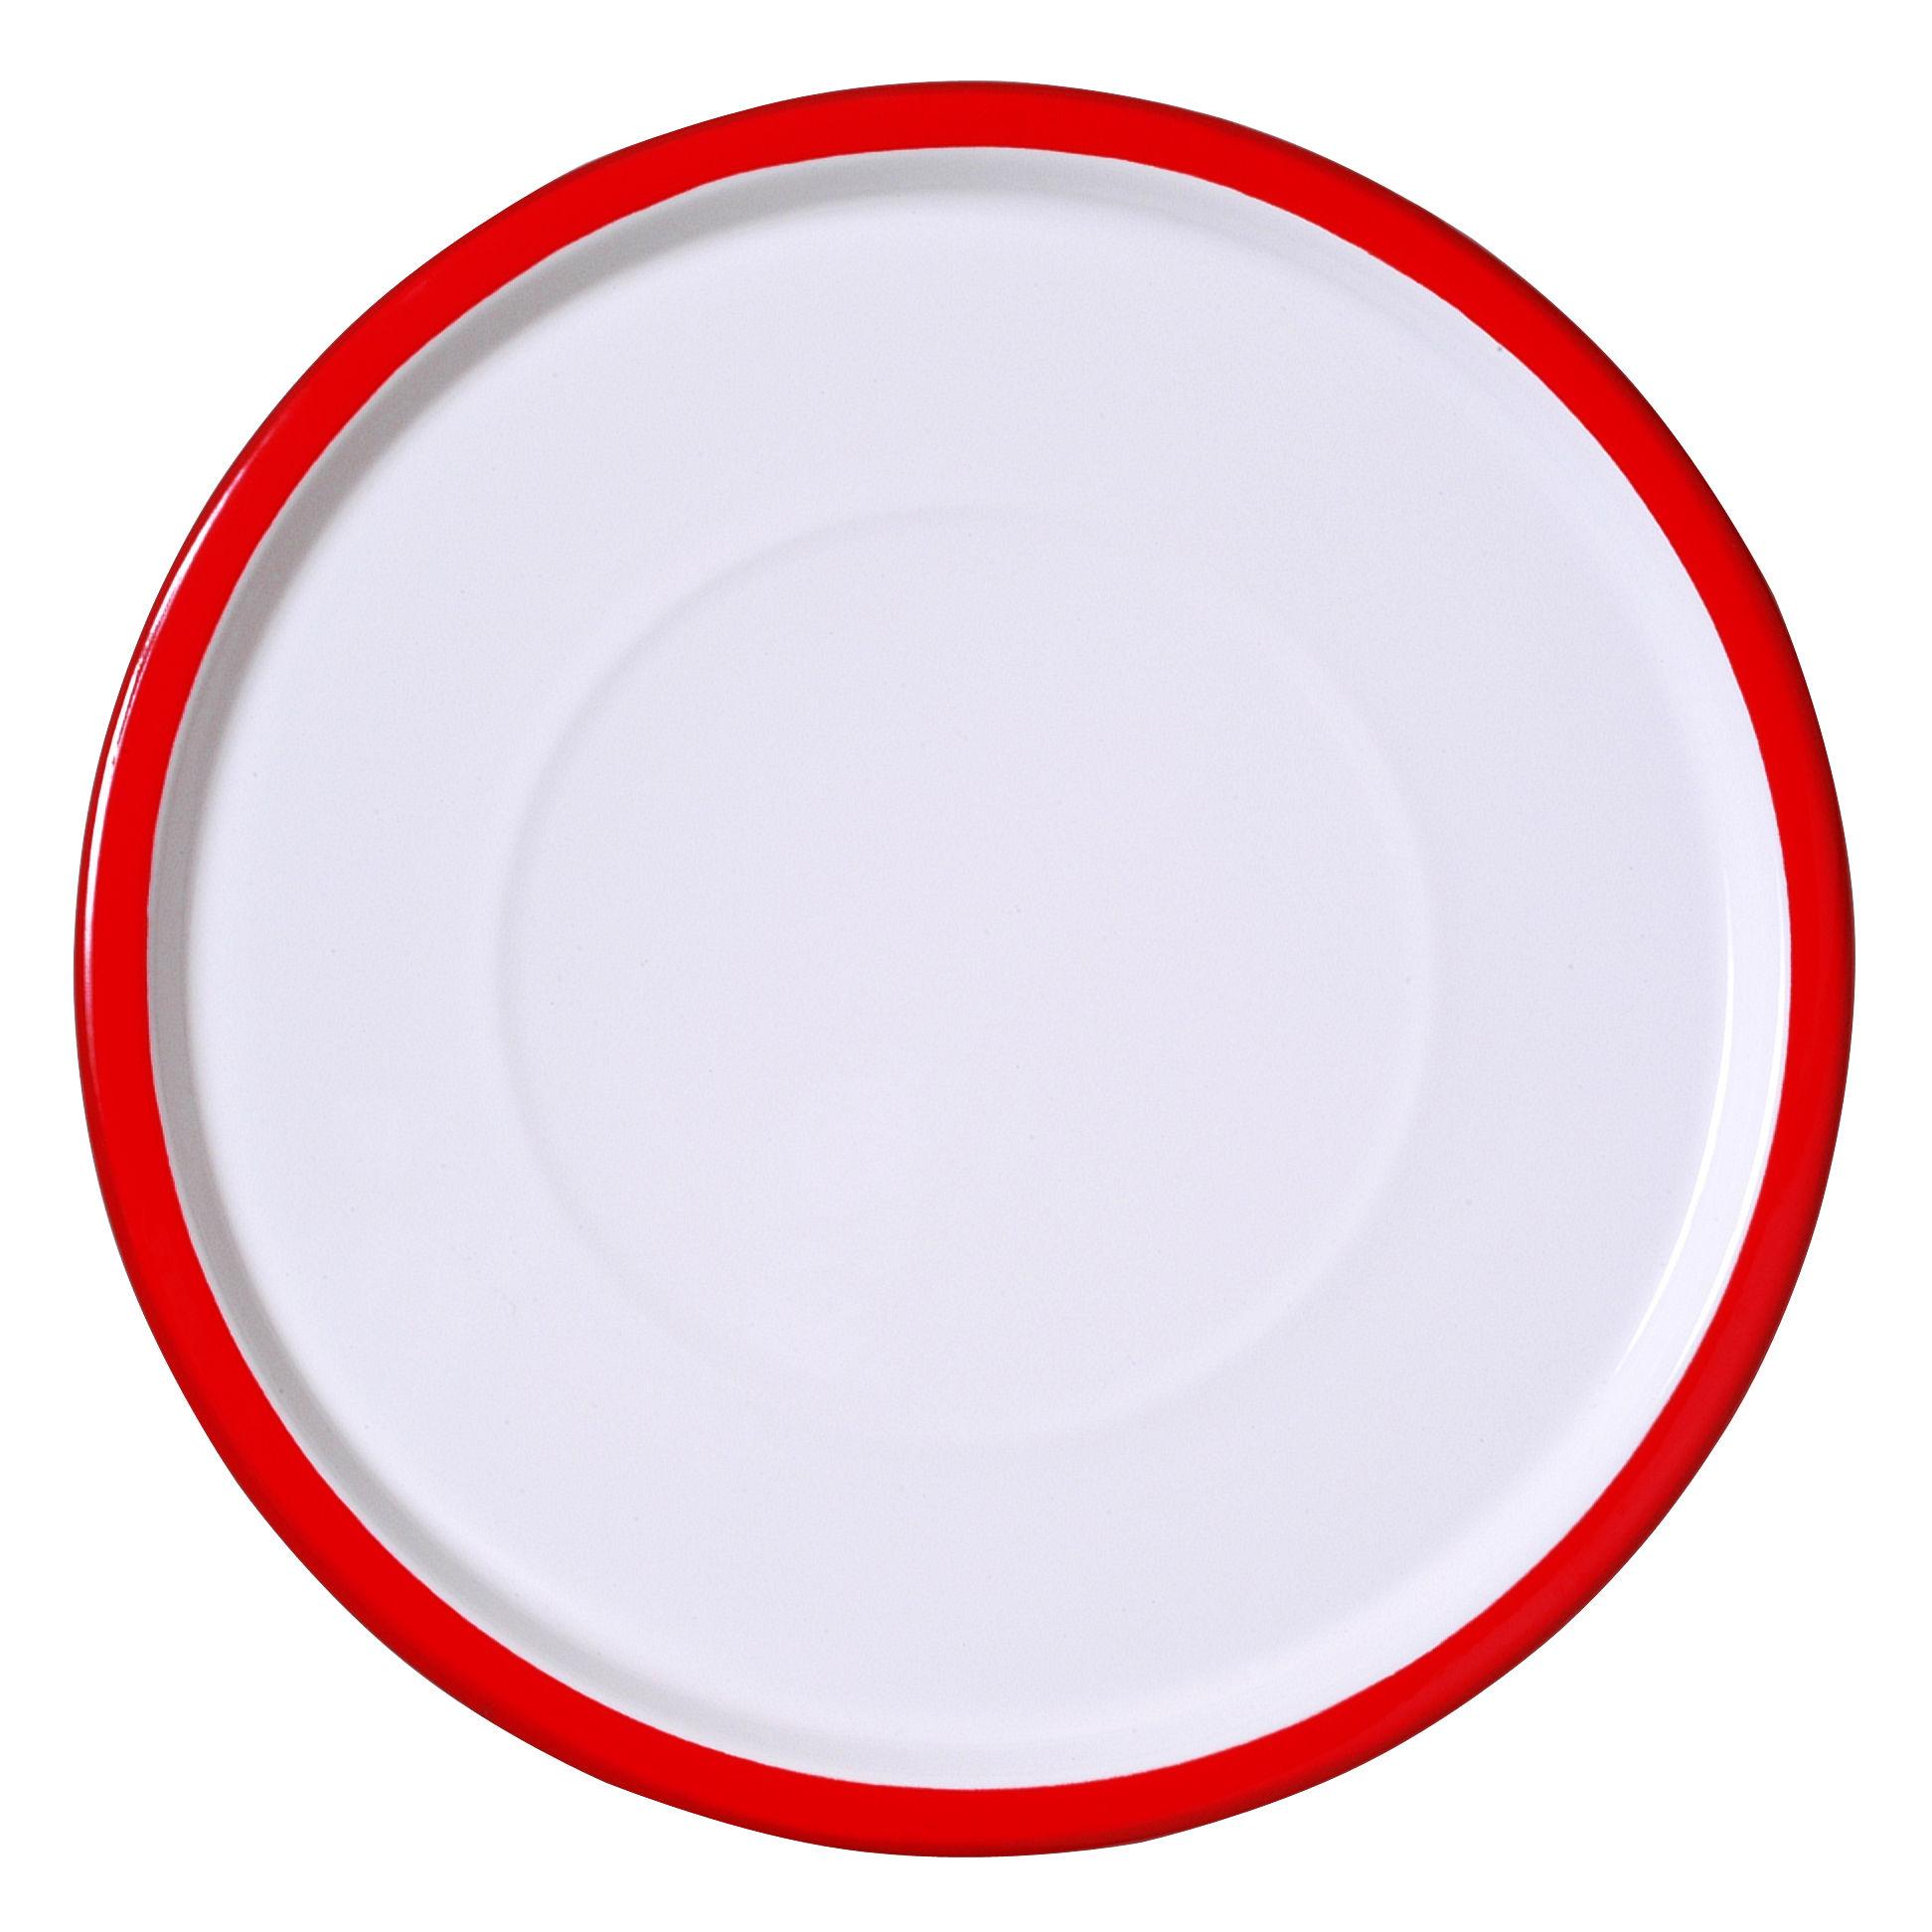 Arts de la table - Assiettes - Assiette I Perfetti / Ø 31 cm - Variopinte - Rouge - Métal émaillé